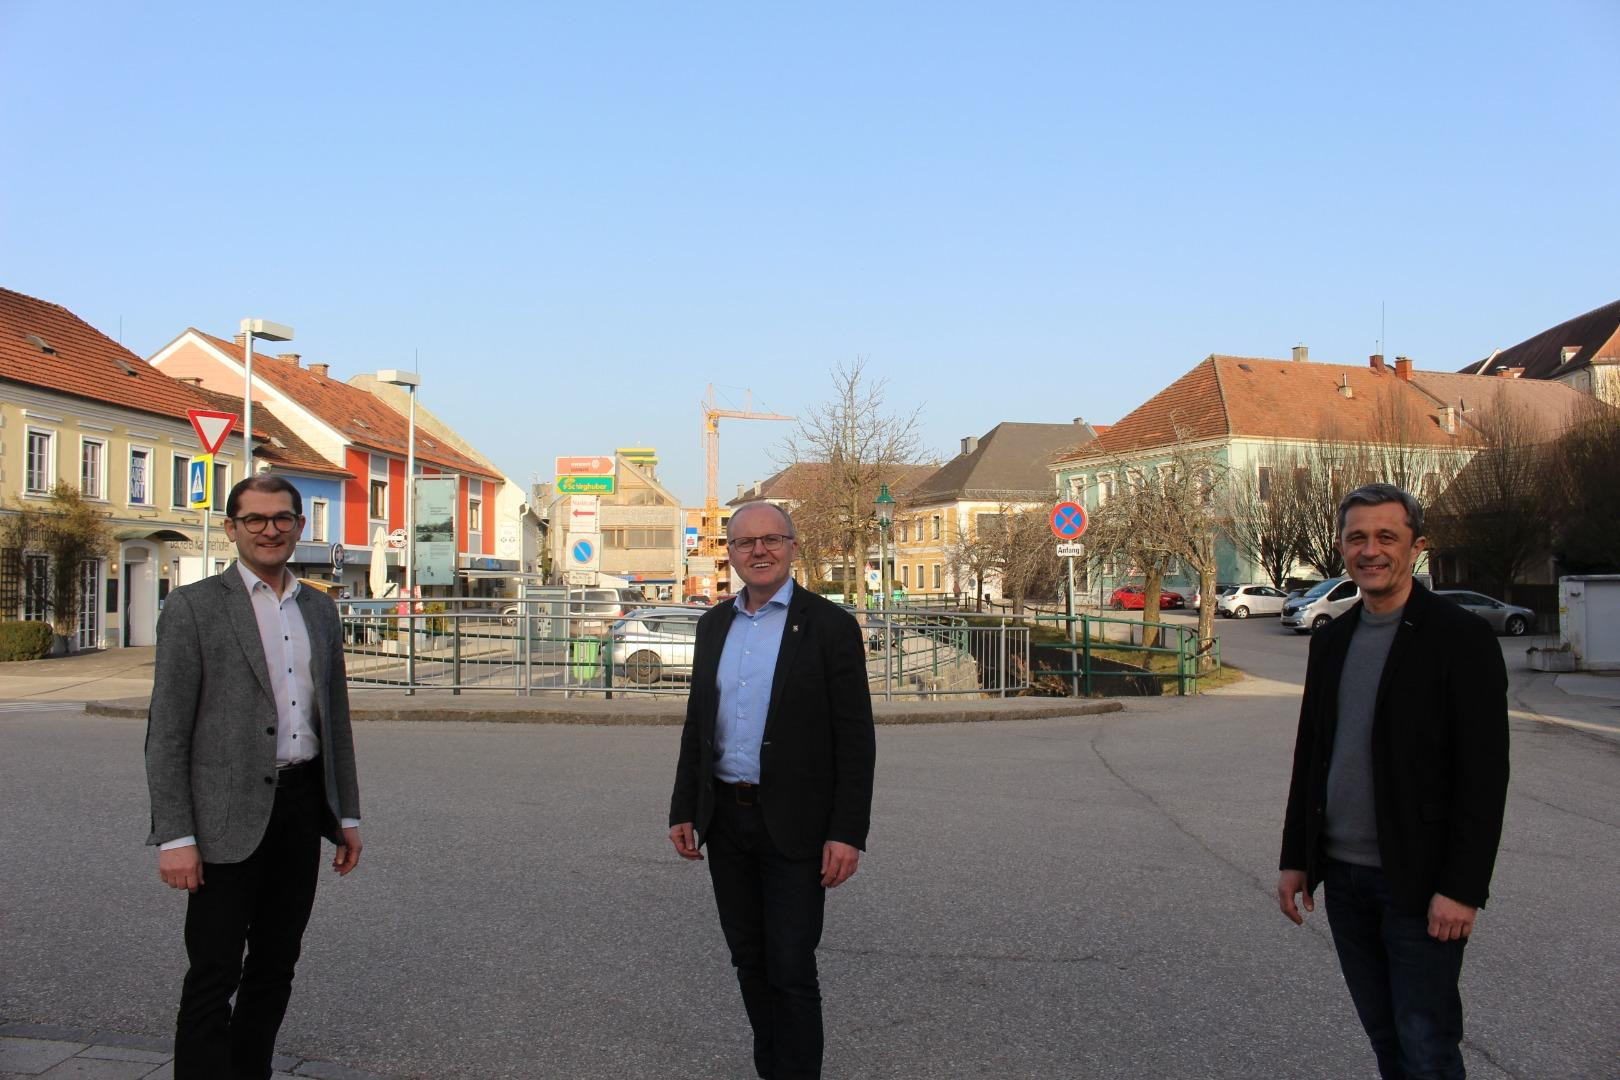 Hoffen auf viele neue Ideen für die Gestaltung des Seitenstettner Zentrums: Martin Michlmayr, Obmann des Wirtschafts-, Gemeinde- und Ortsentwicklungsausschusses (rechts), sein Stellvertreter Michael Kimmeswenger (links) und Bürgermeister Johann Spreitzer.